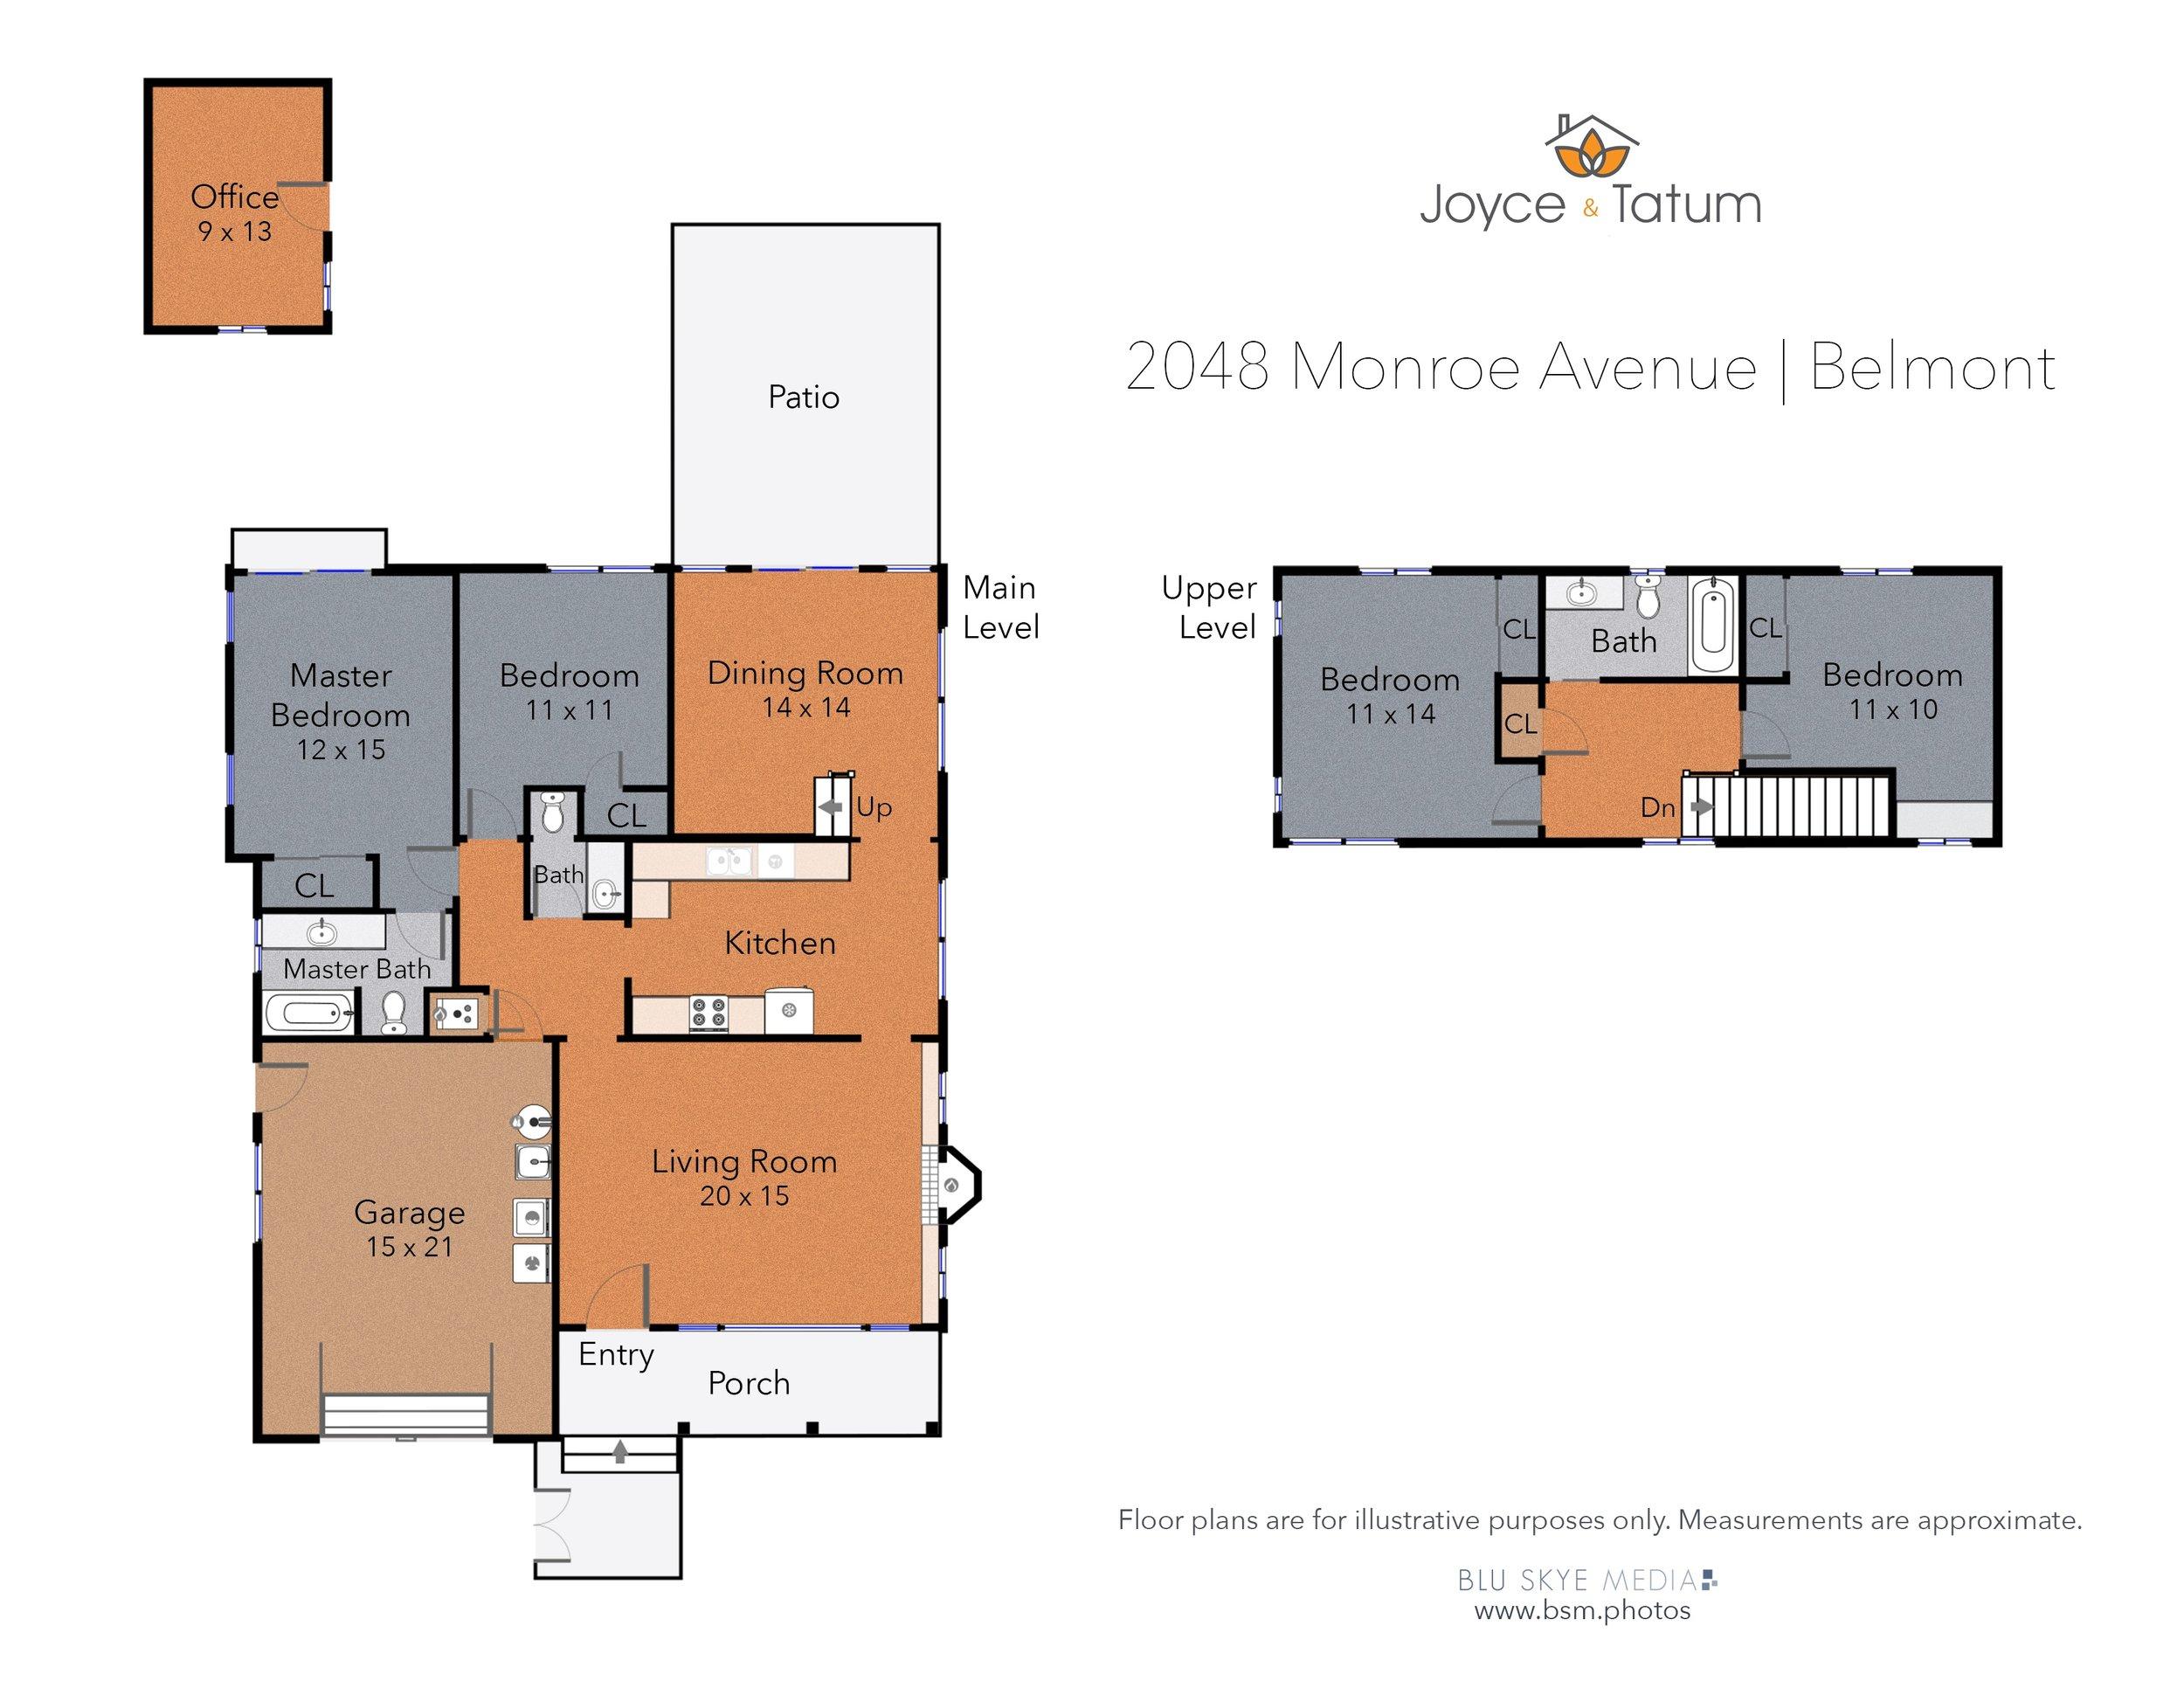 2048 Monroe, Belmont Floor Plan Full.jpg